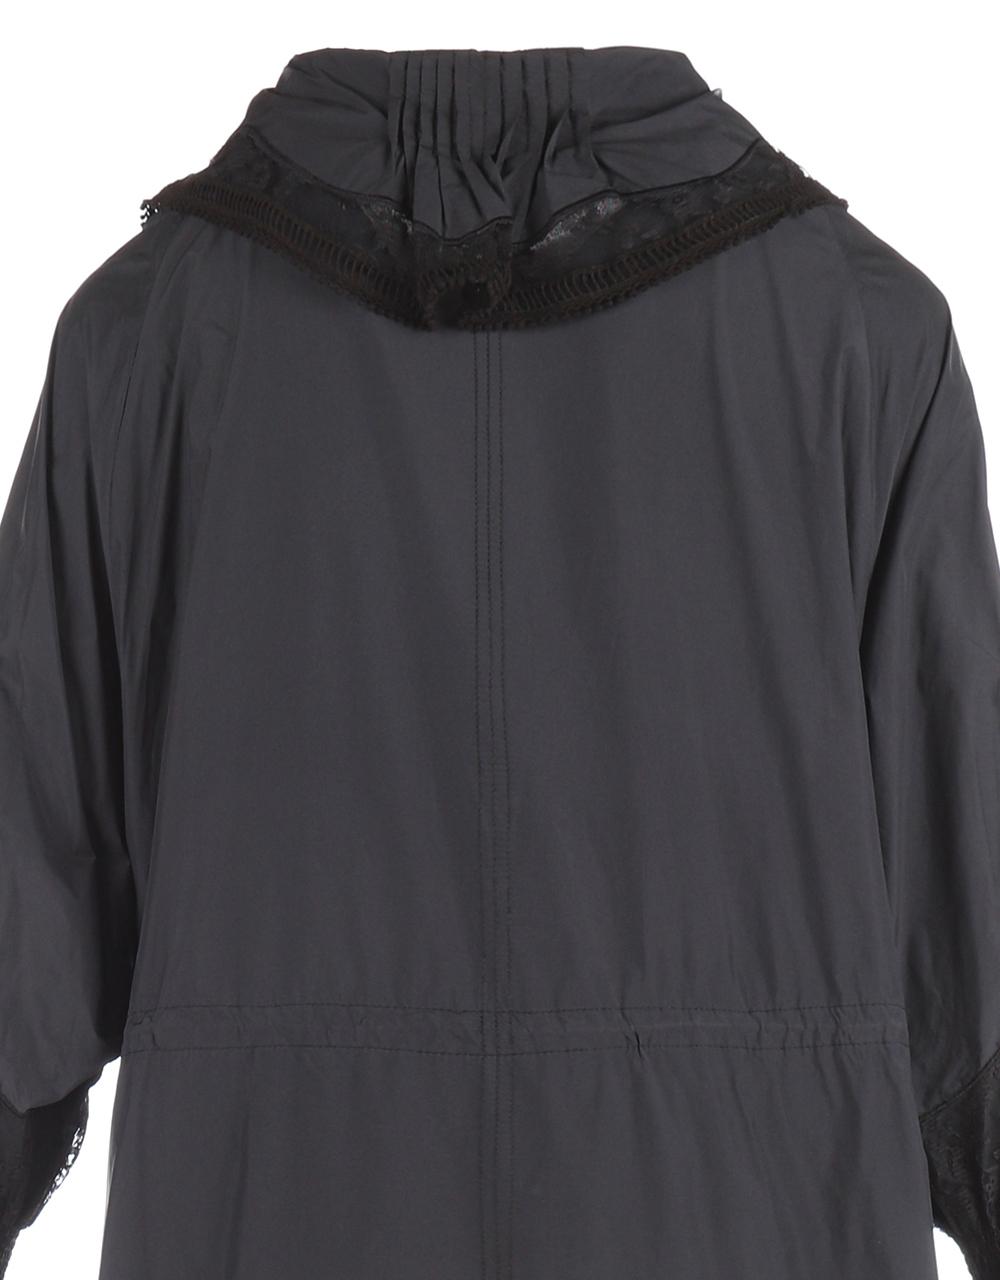 코트 상품상세 이미지-S2L33